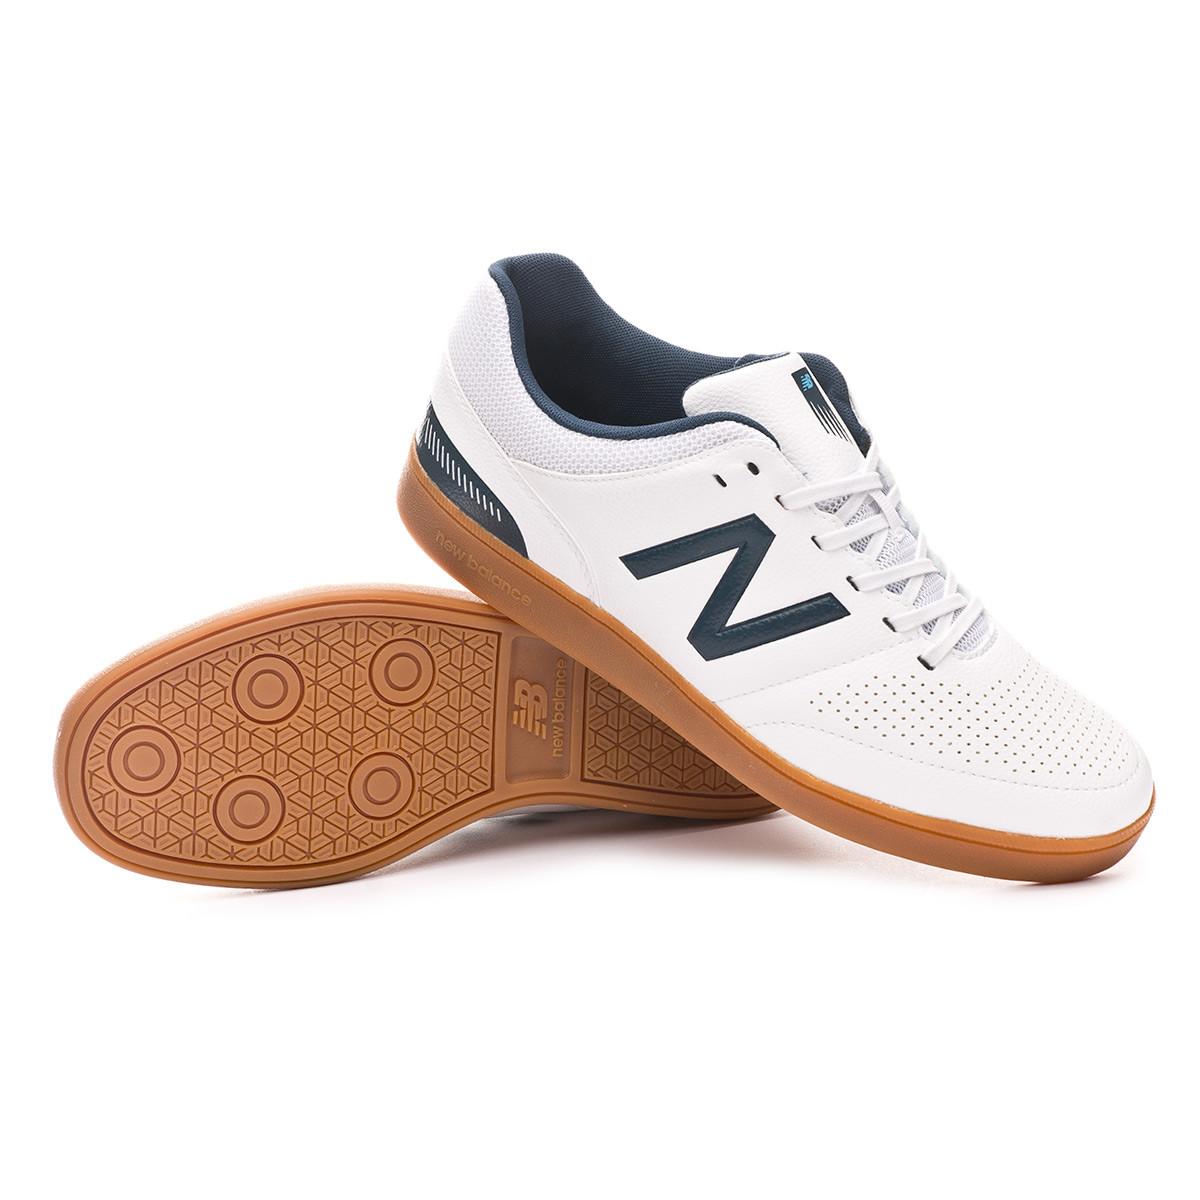 Chaussures de futsal New Balance Audazo Boutique de